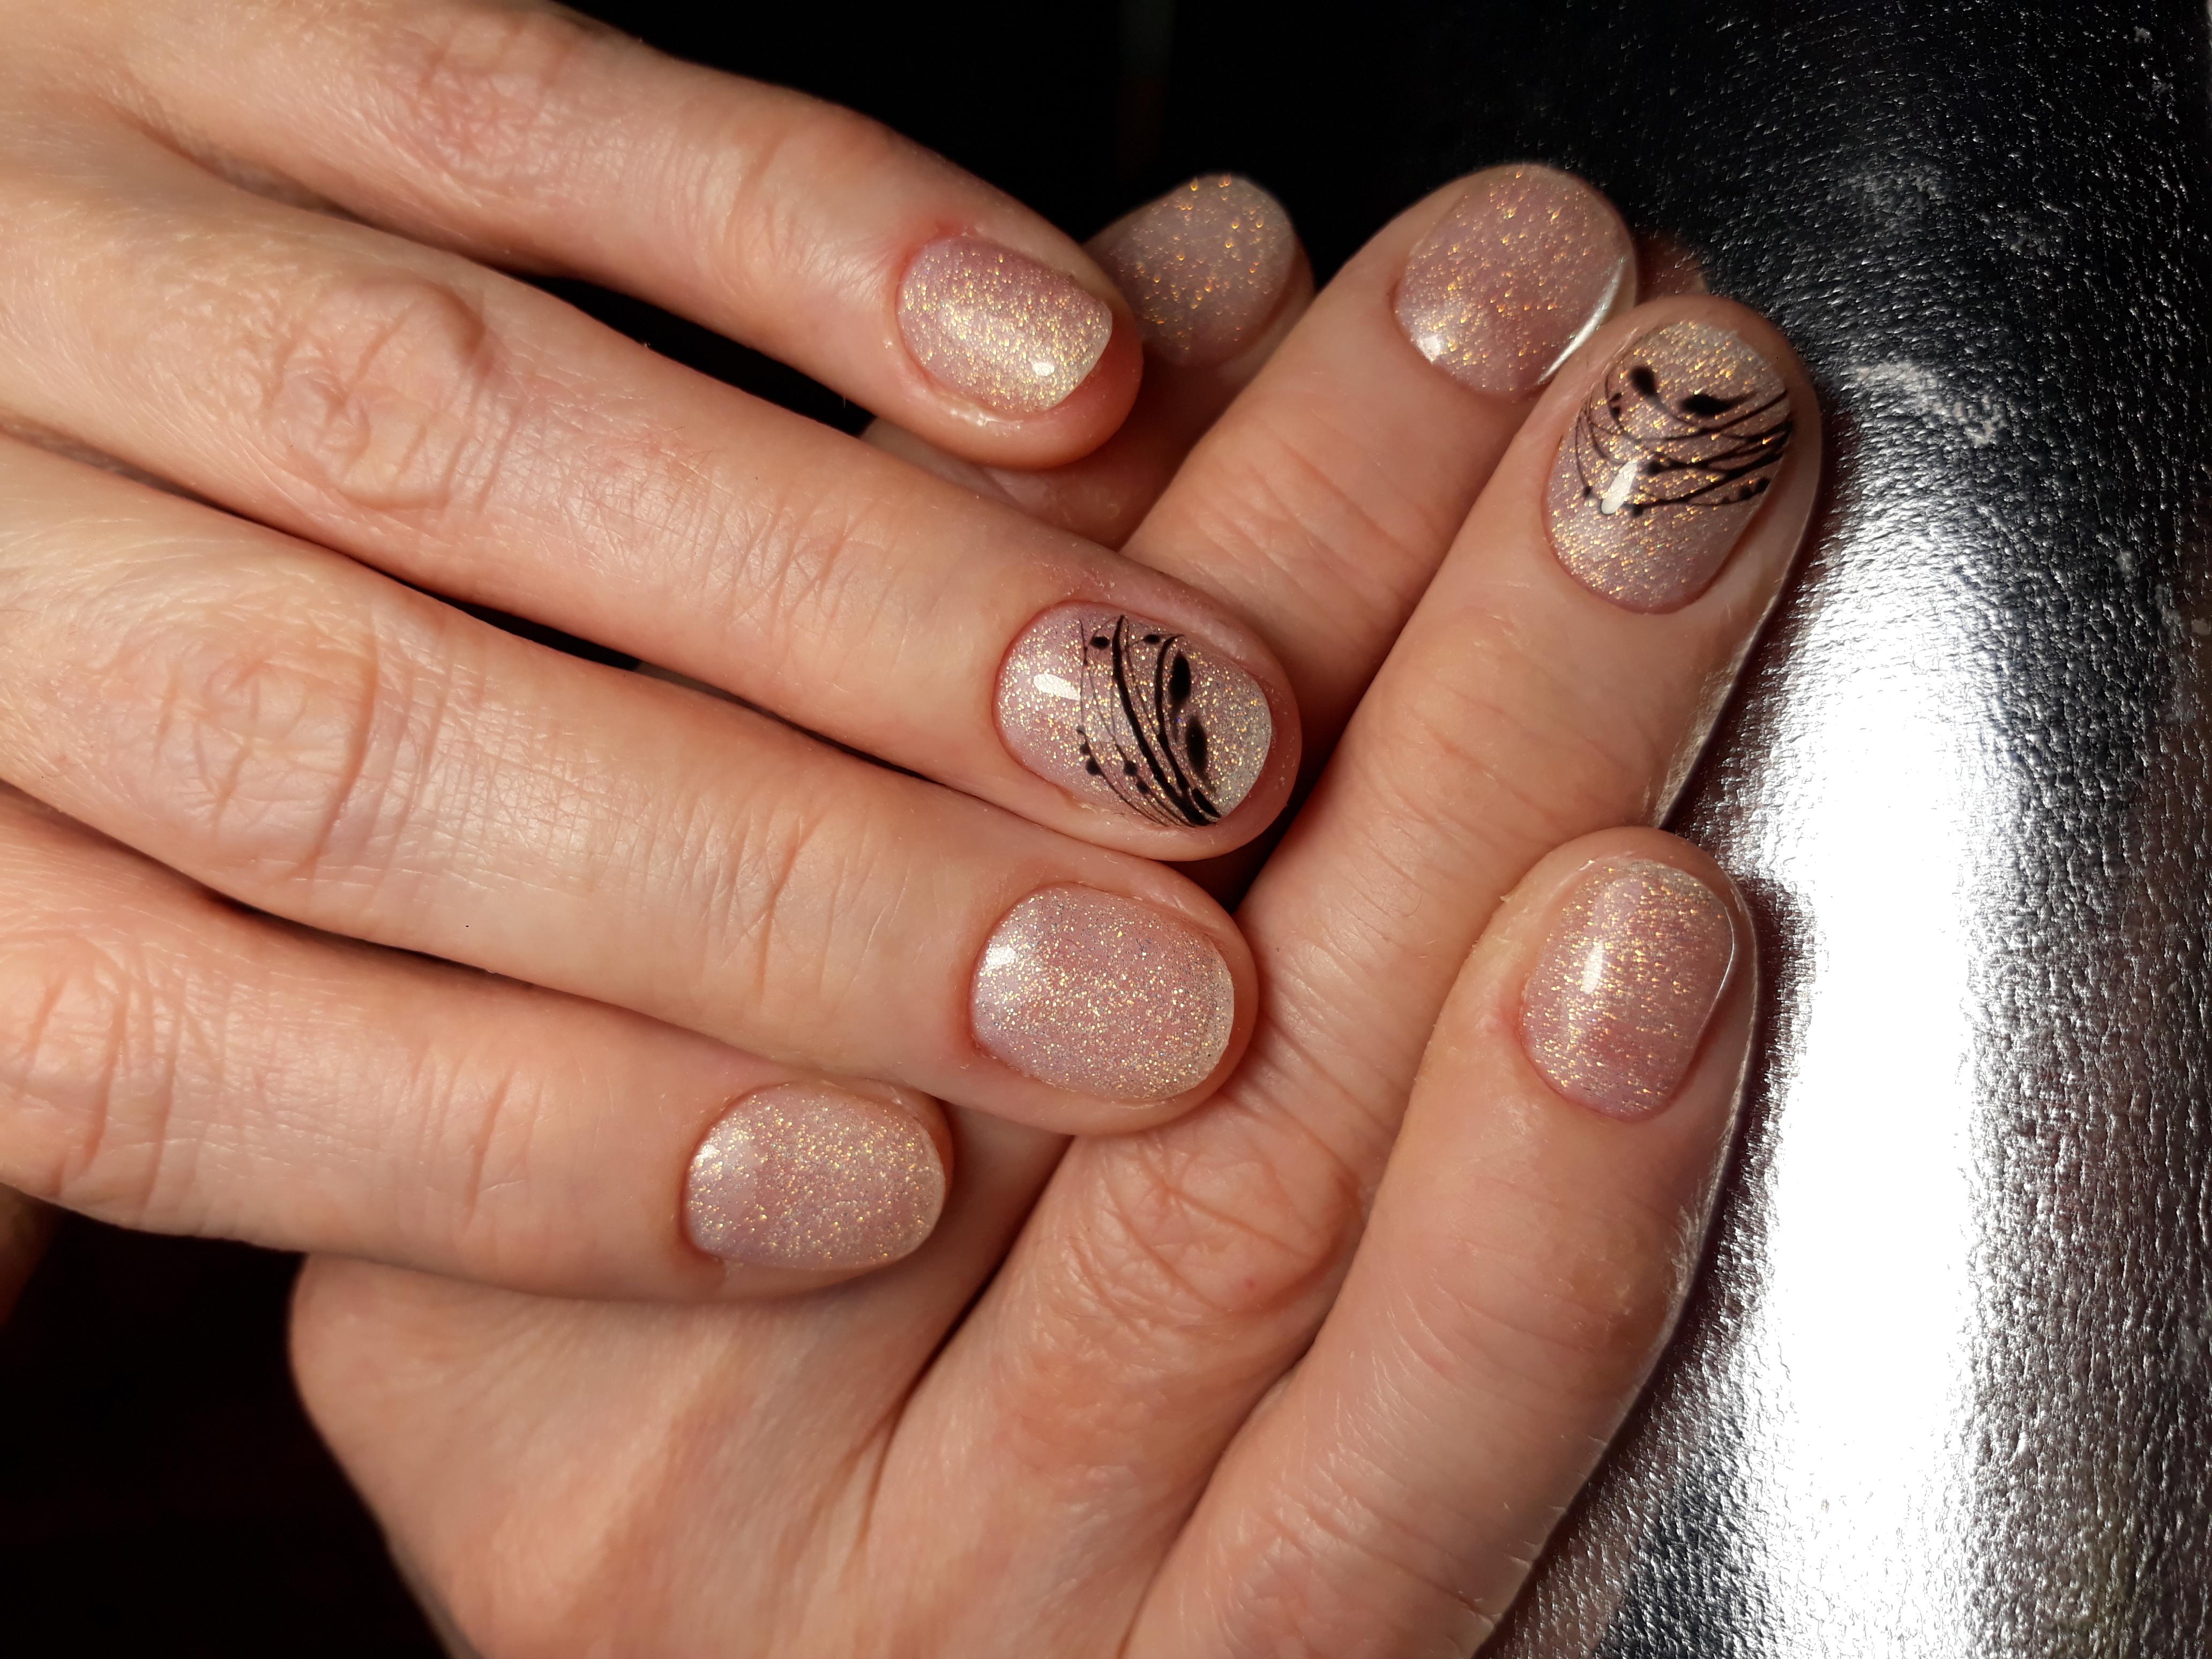 Нюдовый маникюр с блестками и паутинкой на короткие ногти.